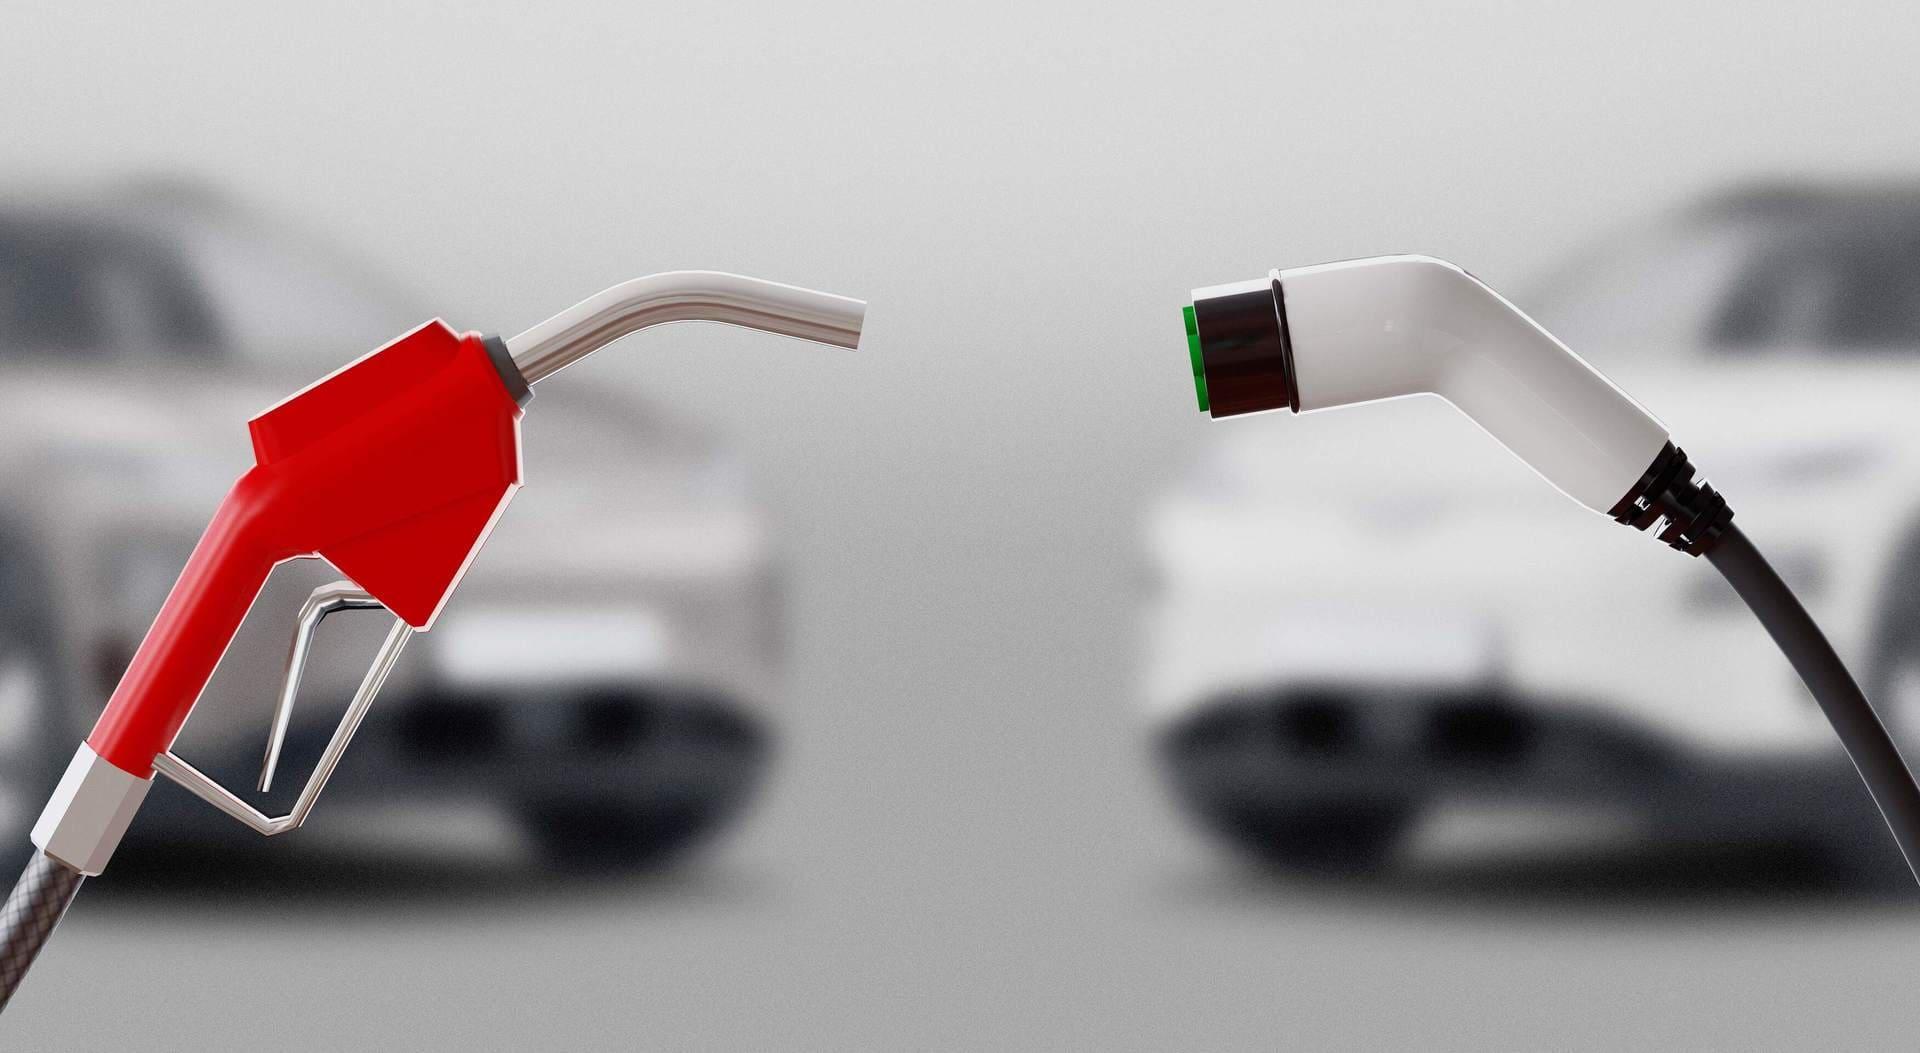 Les véhicules thermiques VS électriques. Que choisir et pour quels coûts ?